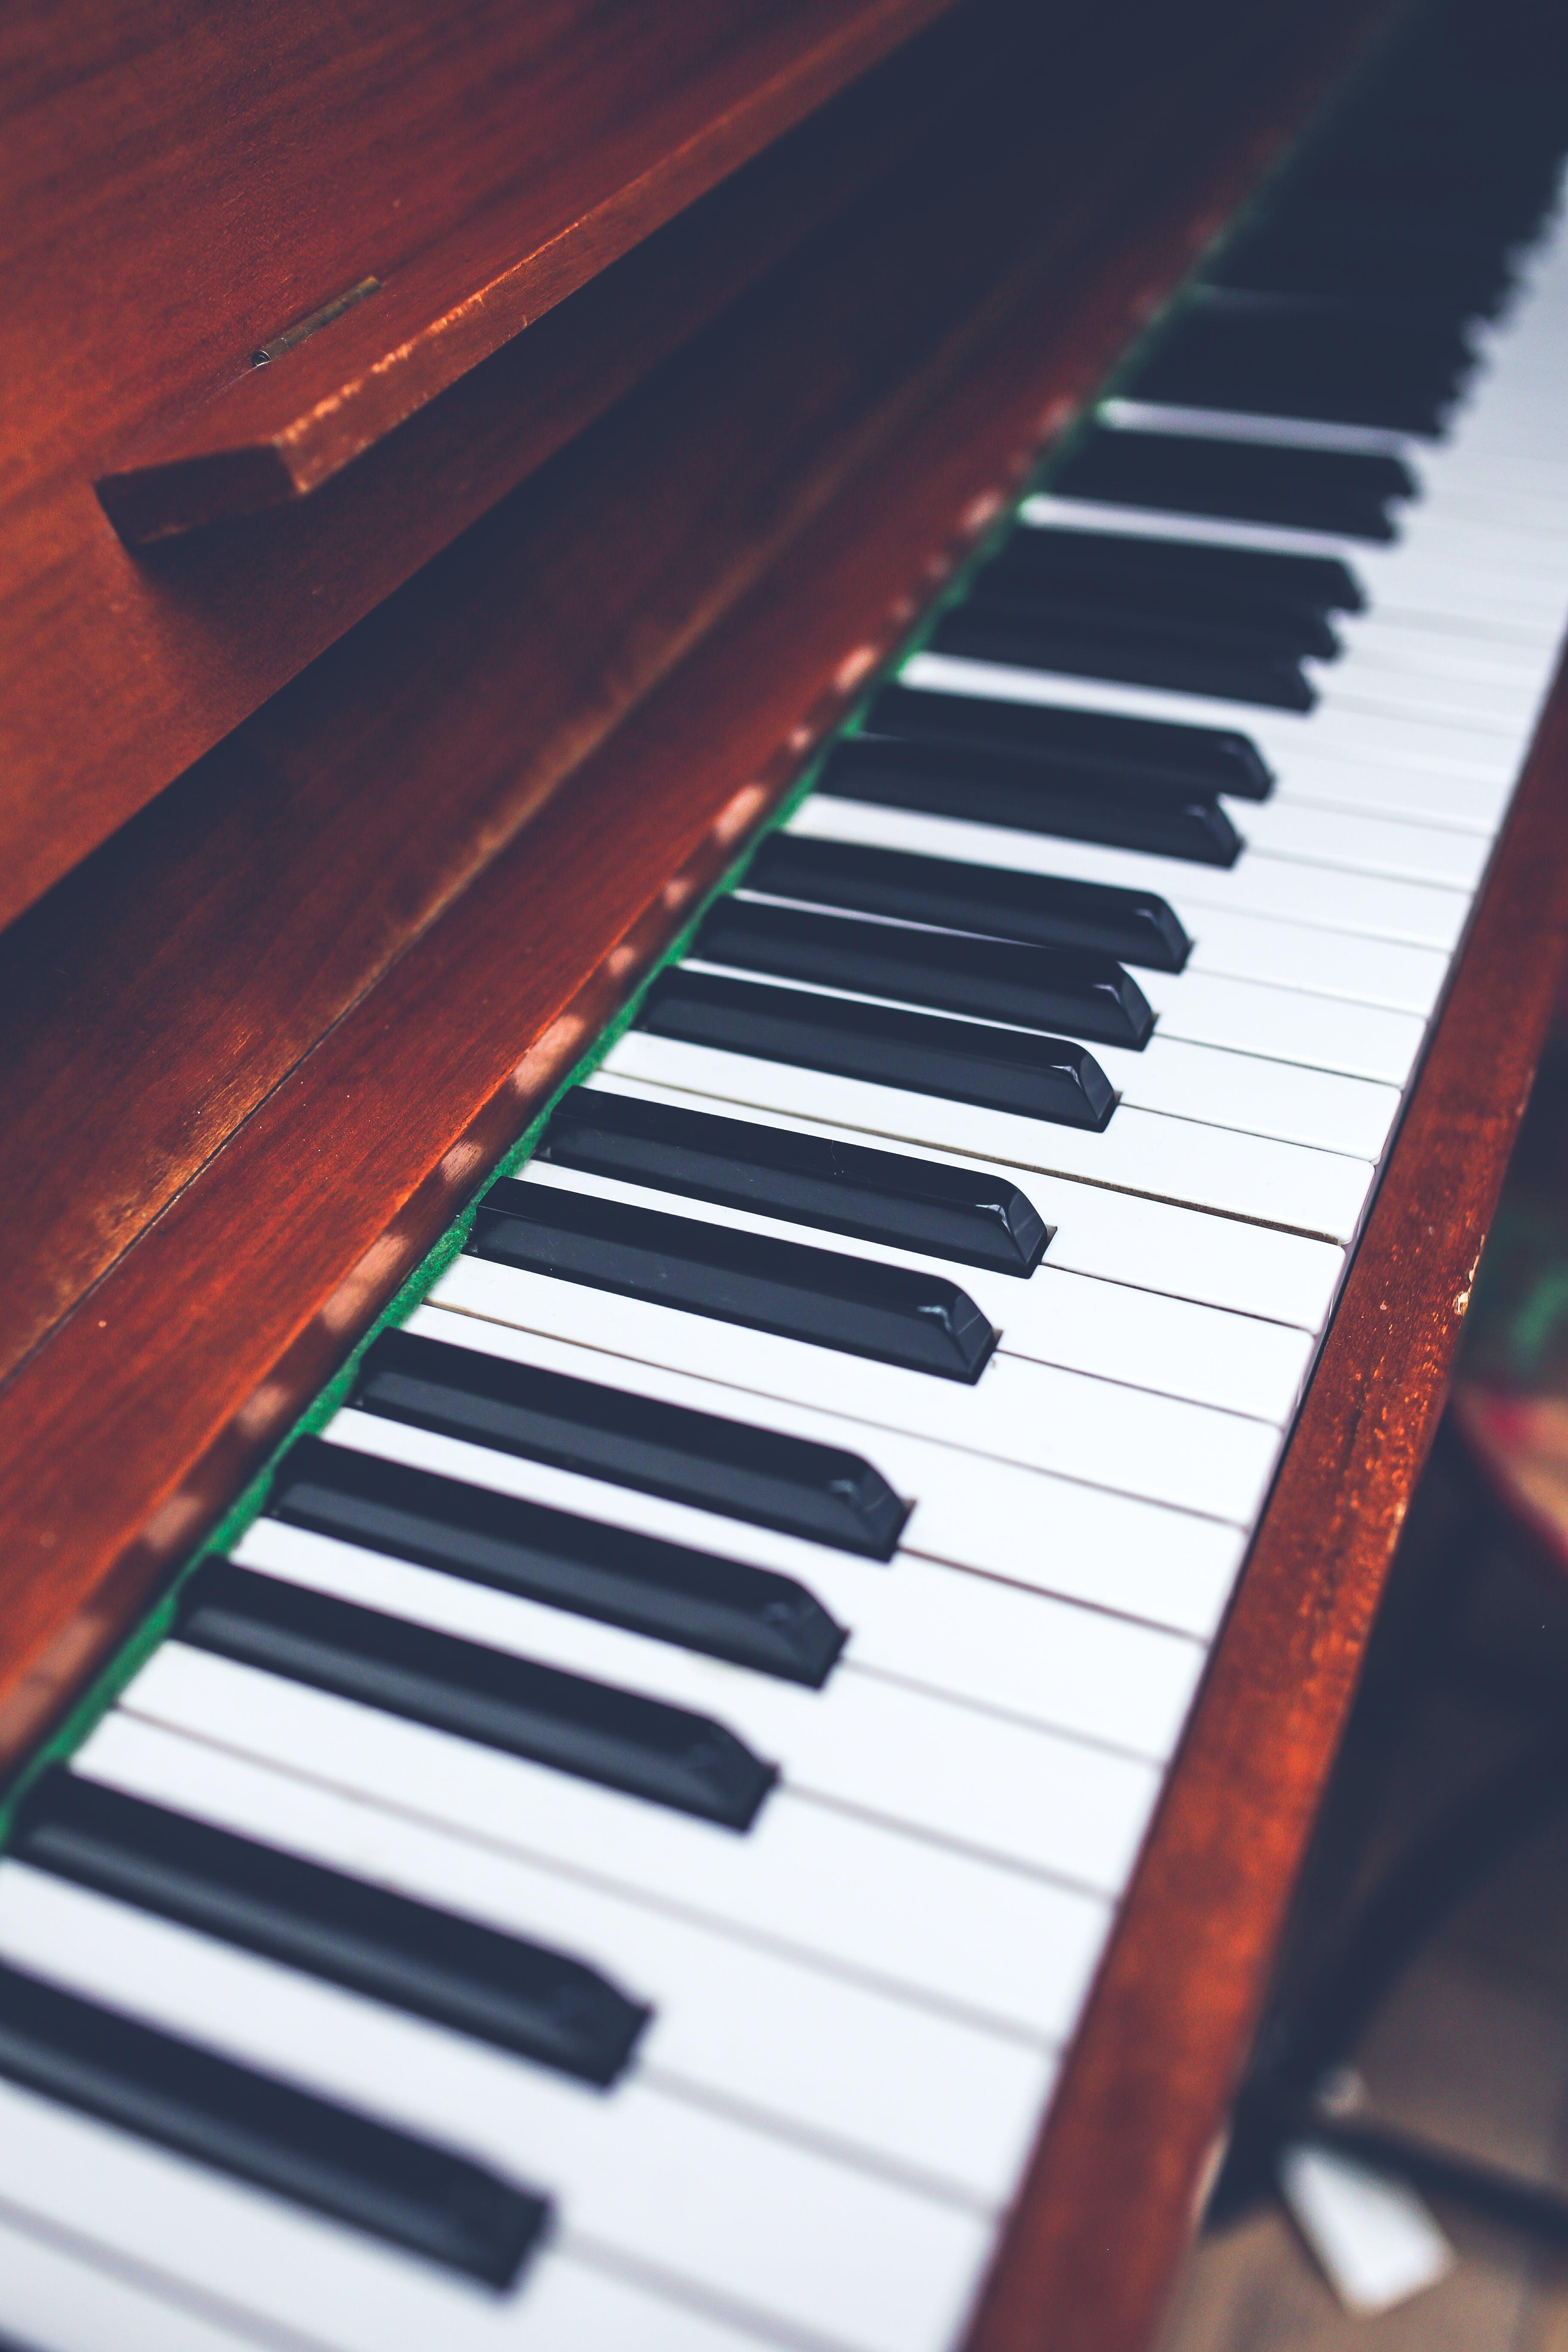 Gratis lagerfoto af klaver, komponere, musik